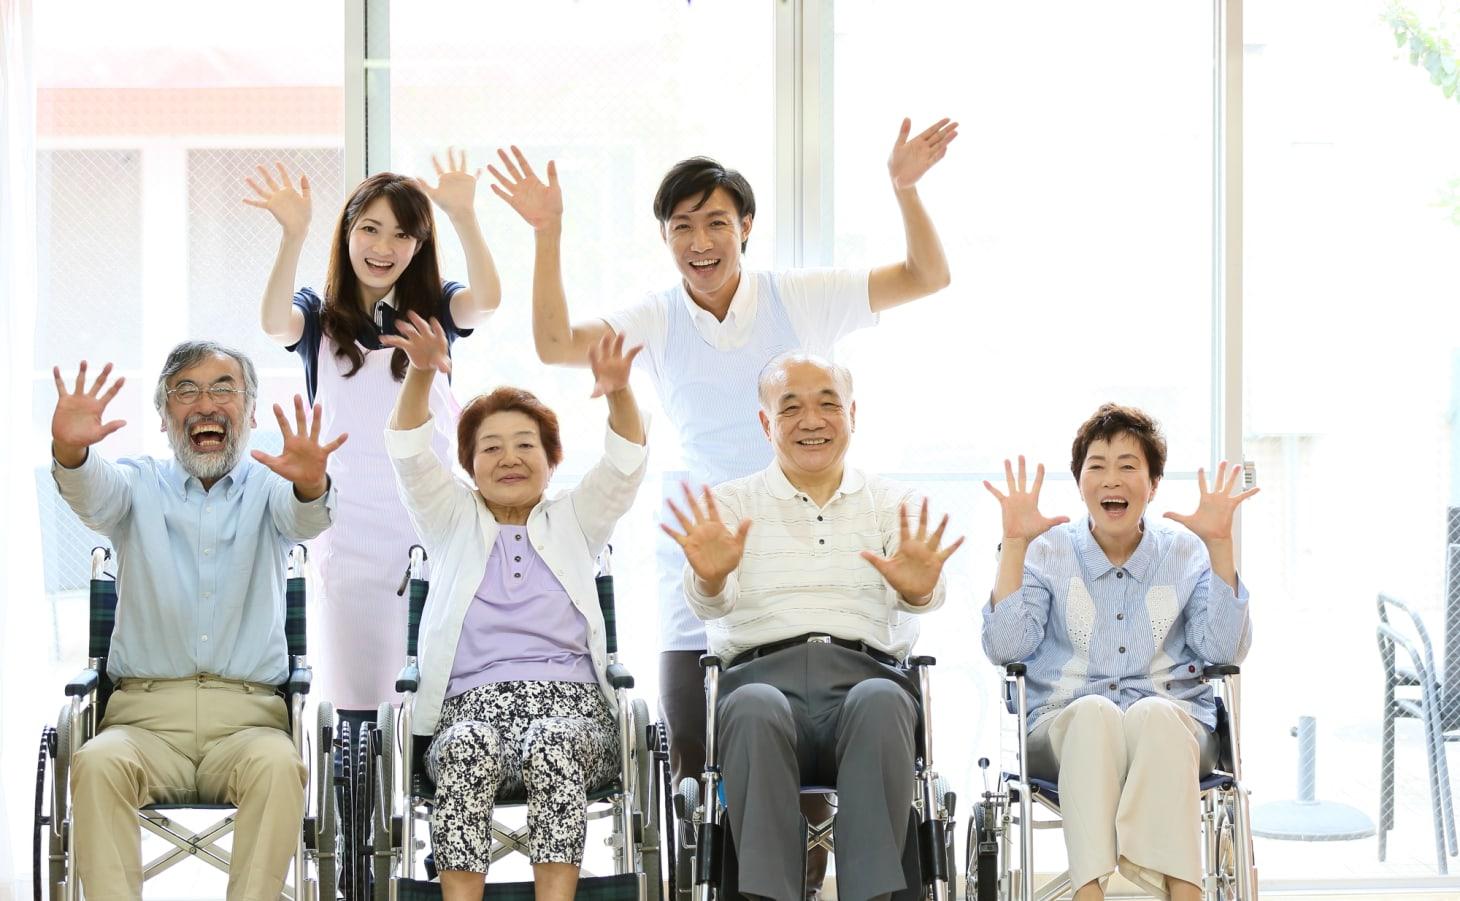 特別養護老人ホーム(介護老人福祉施設)の施設長・管理者の仕事内容と年収は?